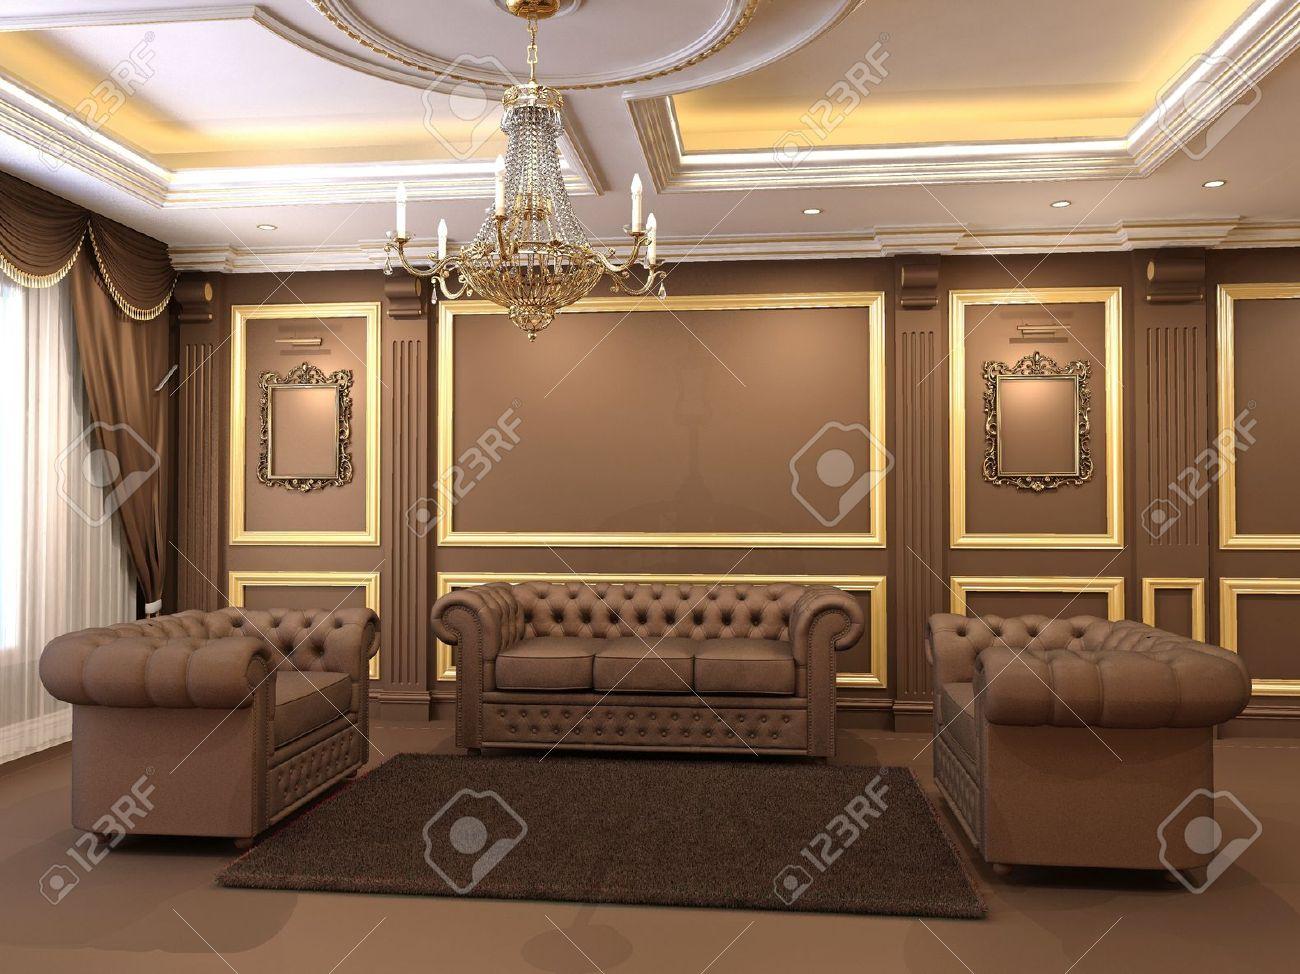 classic living foto royalty free, immagini, immagini e archivi ... - Luxe Reale Grande Divano Ad Angolo Set